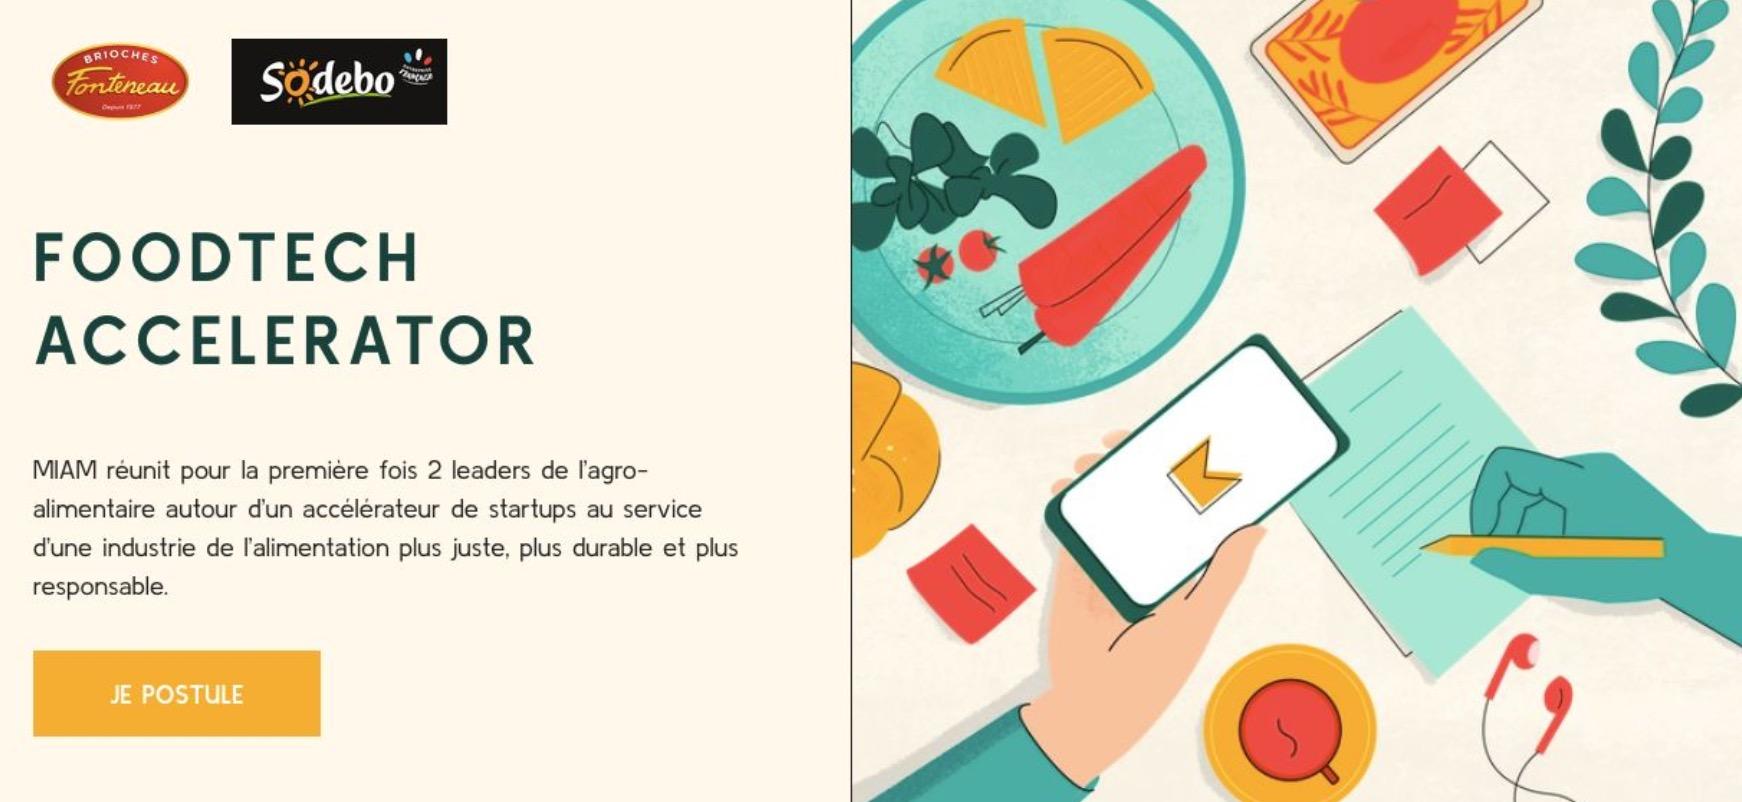 Capture decran 2020 10 20 a 10.26.59 - Lancement de l'appel à candidatures pour la première saison de MIAM, le premier accélérateur dédié à la foodtech